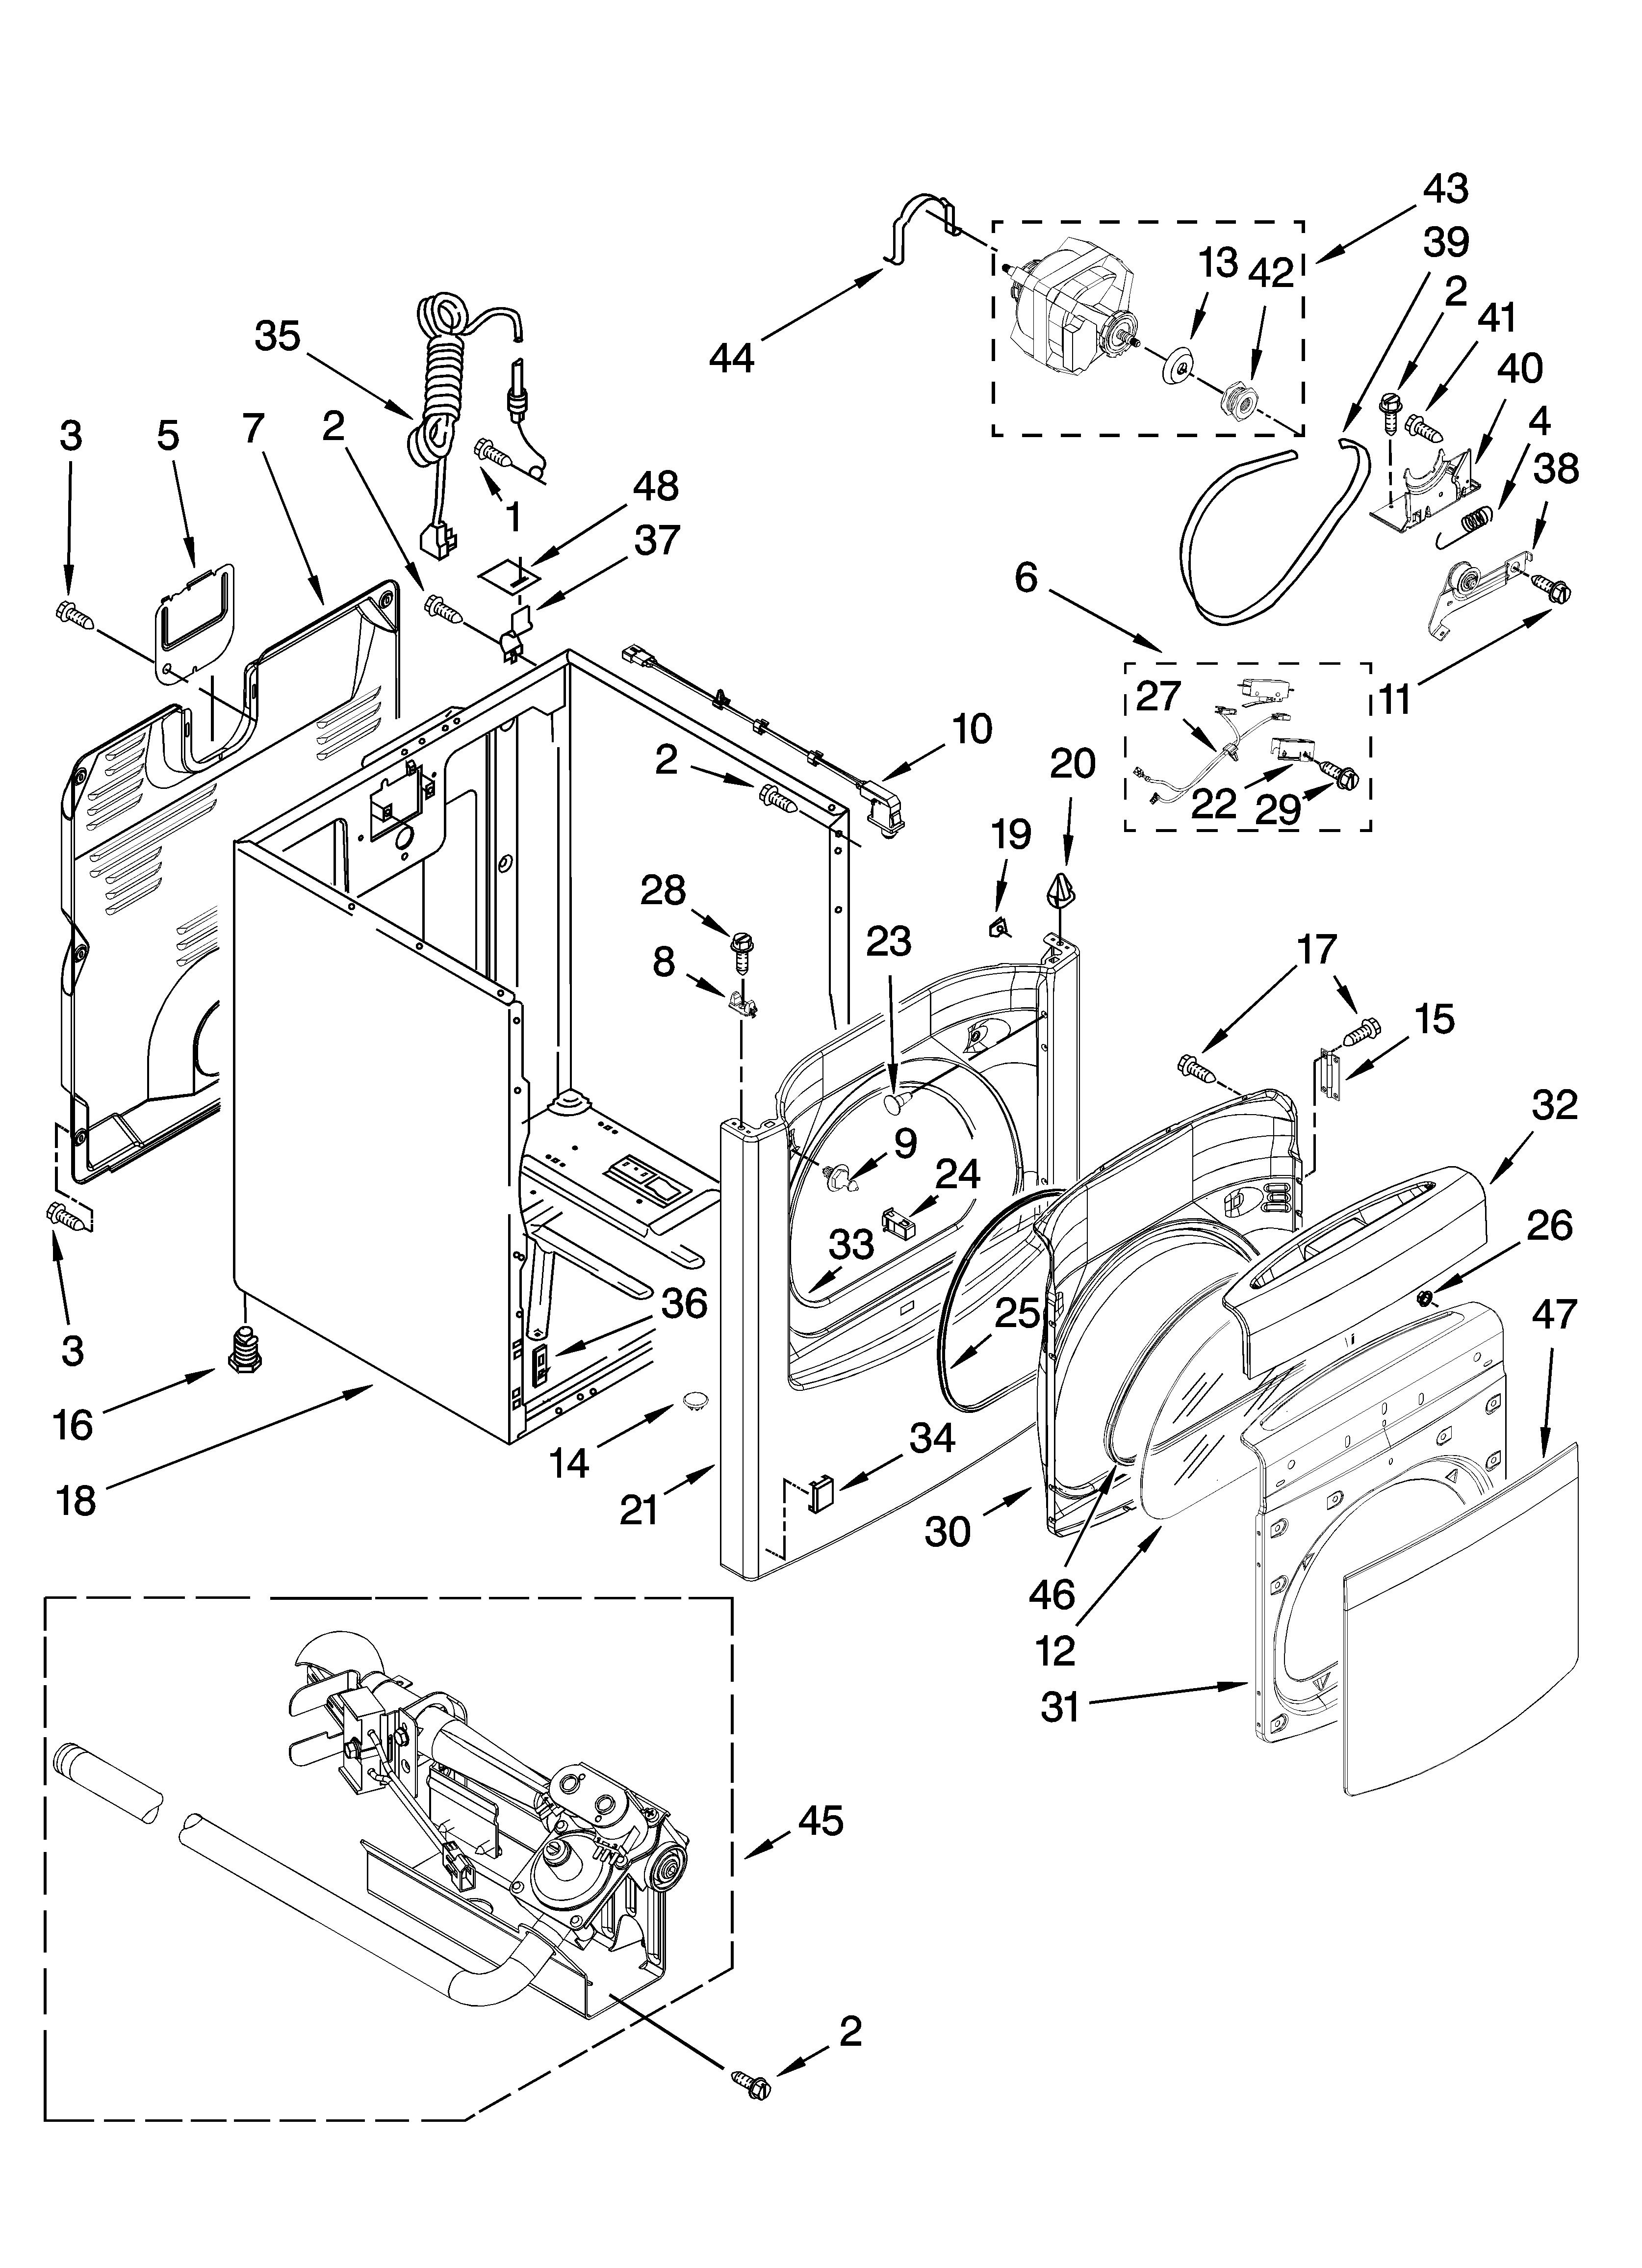 GN_1899] Cabrio Dryer Wiring Diagram On Wiring Diagram Whirlpool Duet Dryer  Schematic WiringGritea Unre Bdel Bepta Mohammedshrine Librar Wiring 101